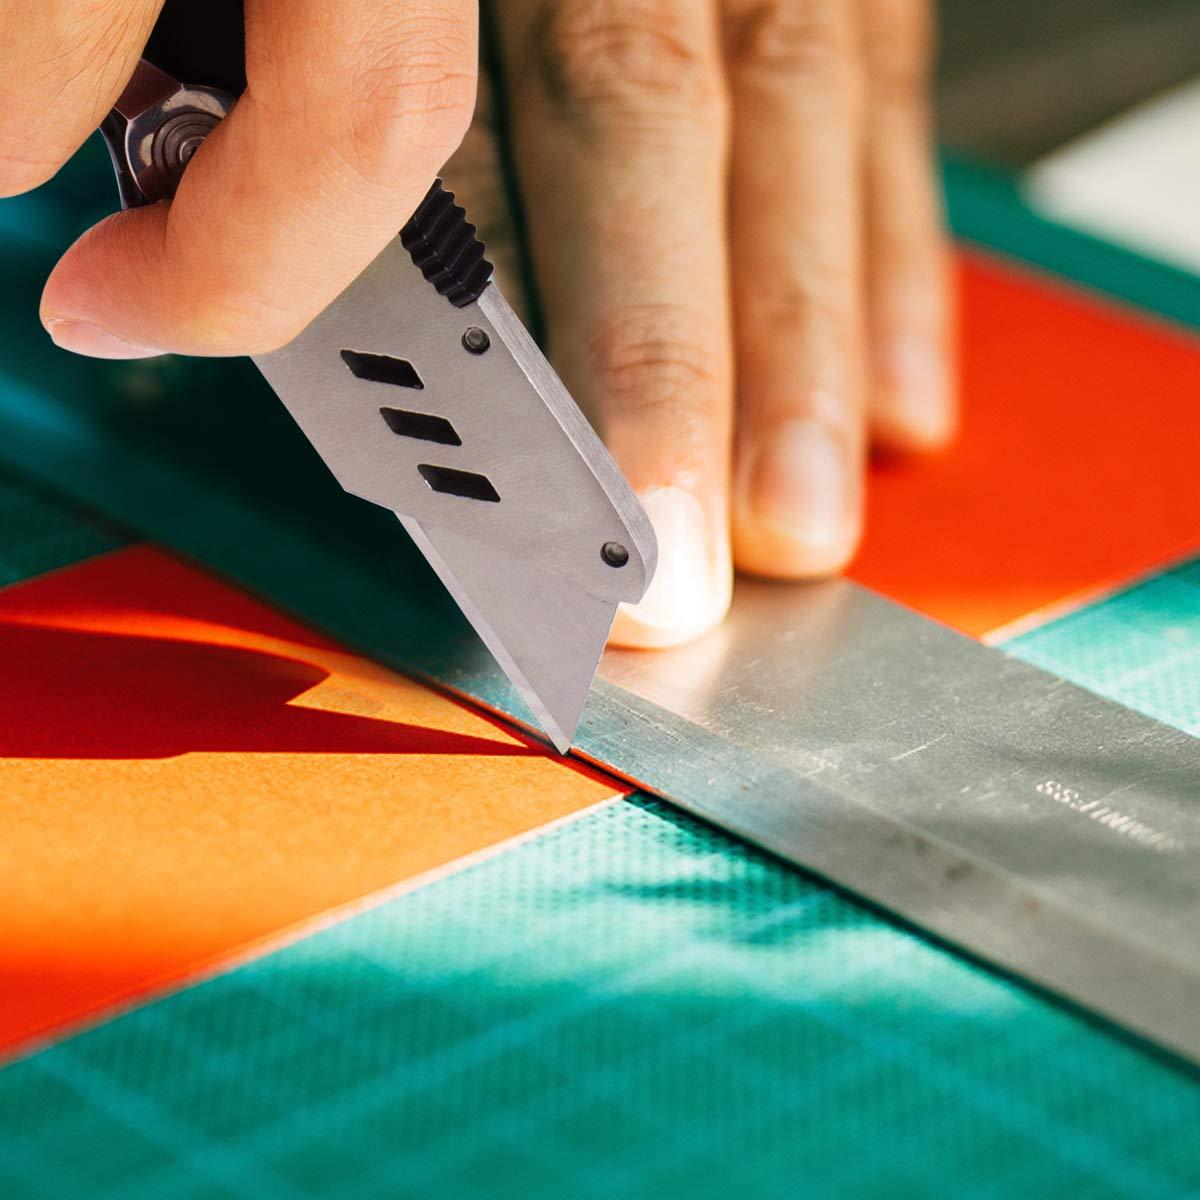 Cutter, Morpilot Couteau de Poche avec 50 Lames Rechange en Acier inoxydable, Couteau Pliant avec Bouton de Déclenchement Rapide et Poignée Ergonomique (Noir)